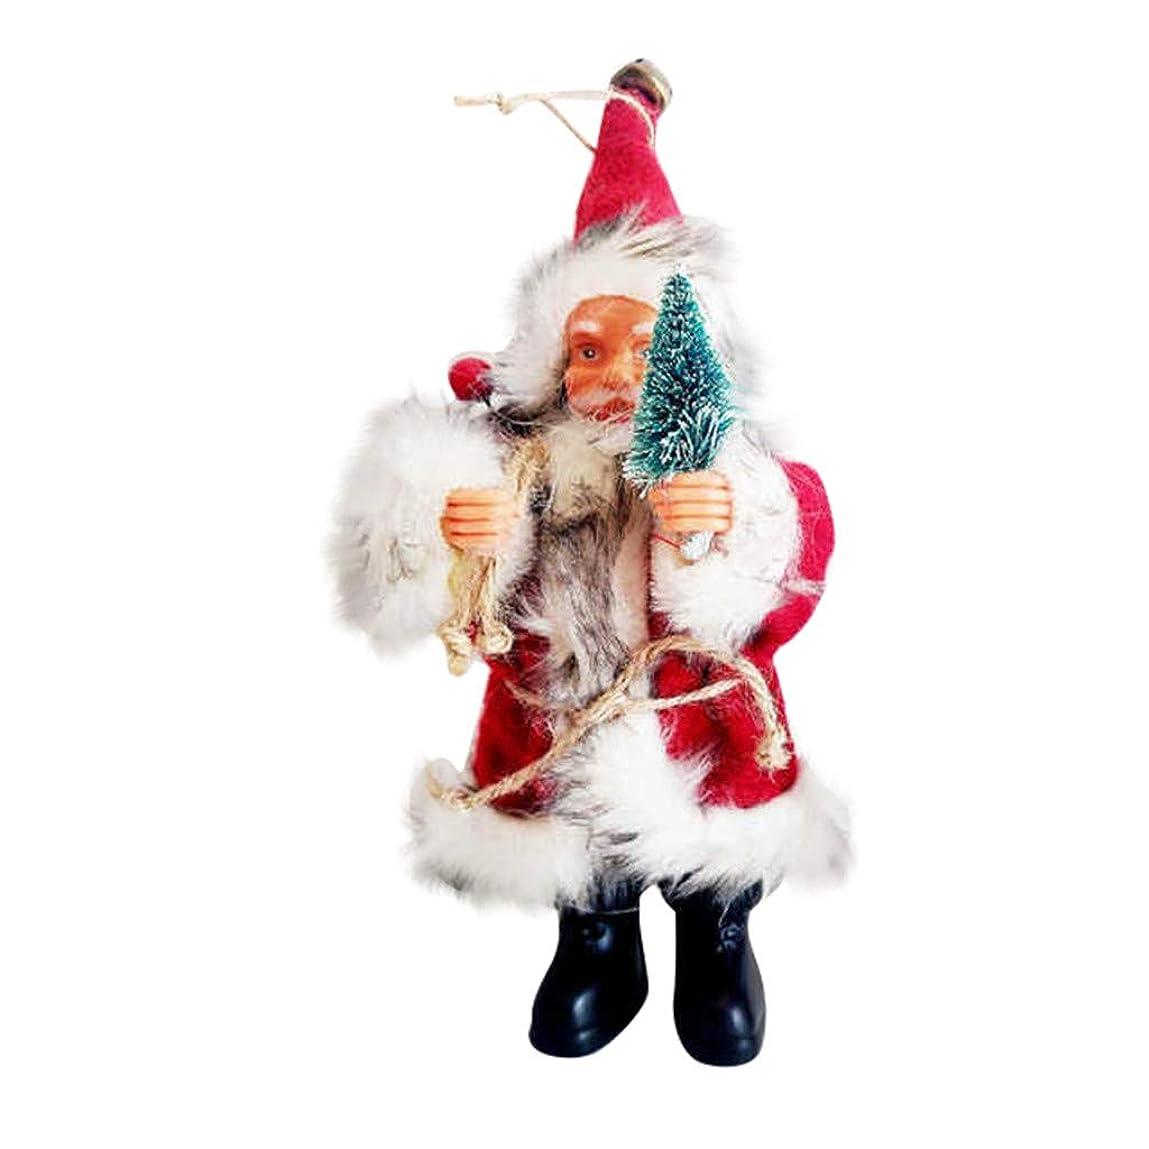 カップル渦アクロバットクリスマススエードぬいぐるみ16/22cm/25cmクリスマスツリーデコレーションキャンディバッグアクセサリークリスマスデコサンタパーティ